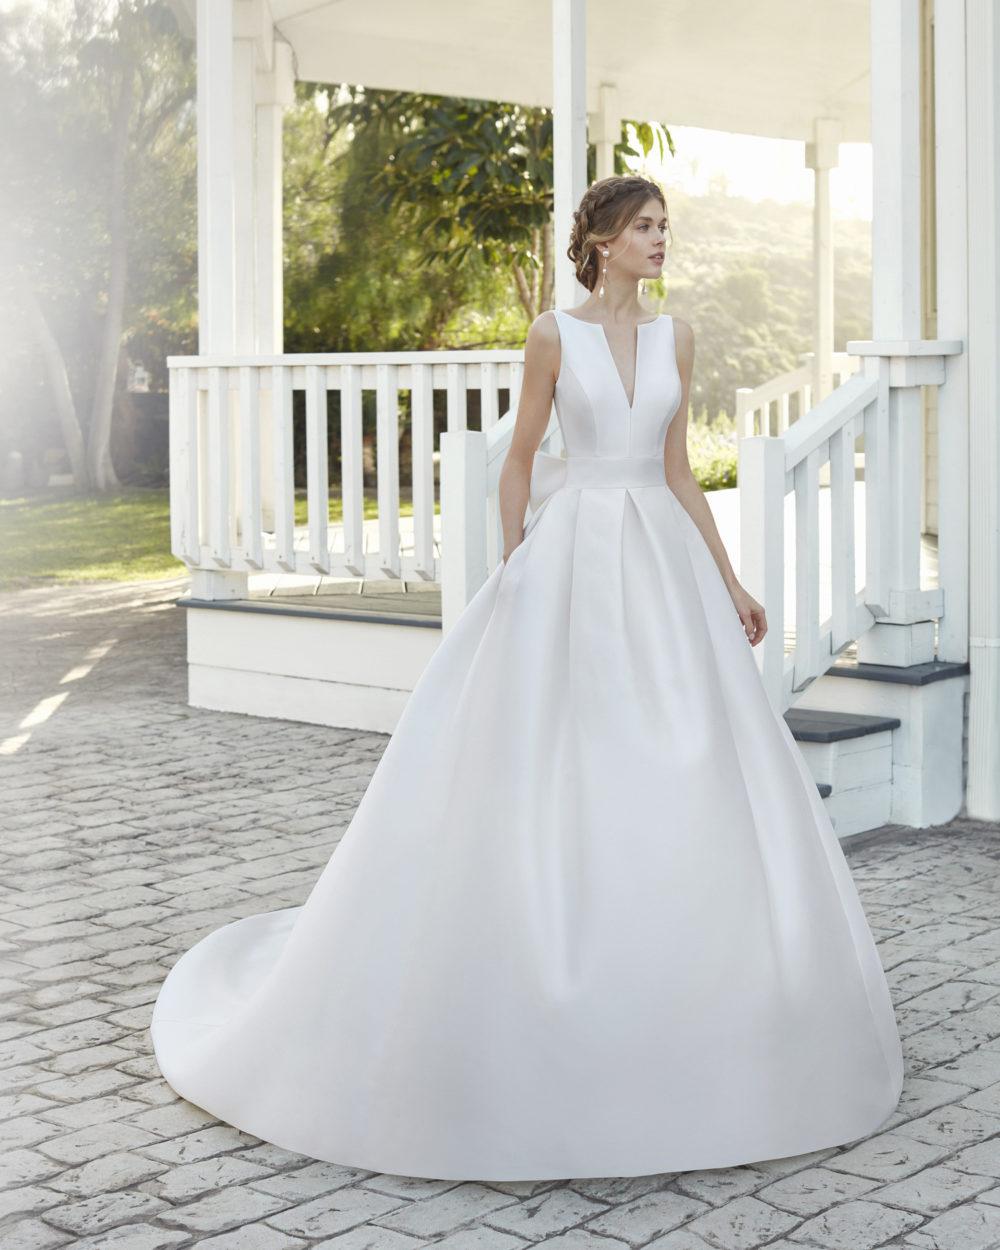 Mariages: abito da sposa Rosa Clarà 2020 a Vicenza, Verona, Padova, Veneto 4A1D6 CAQUI